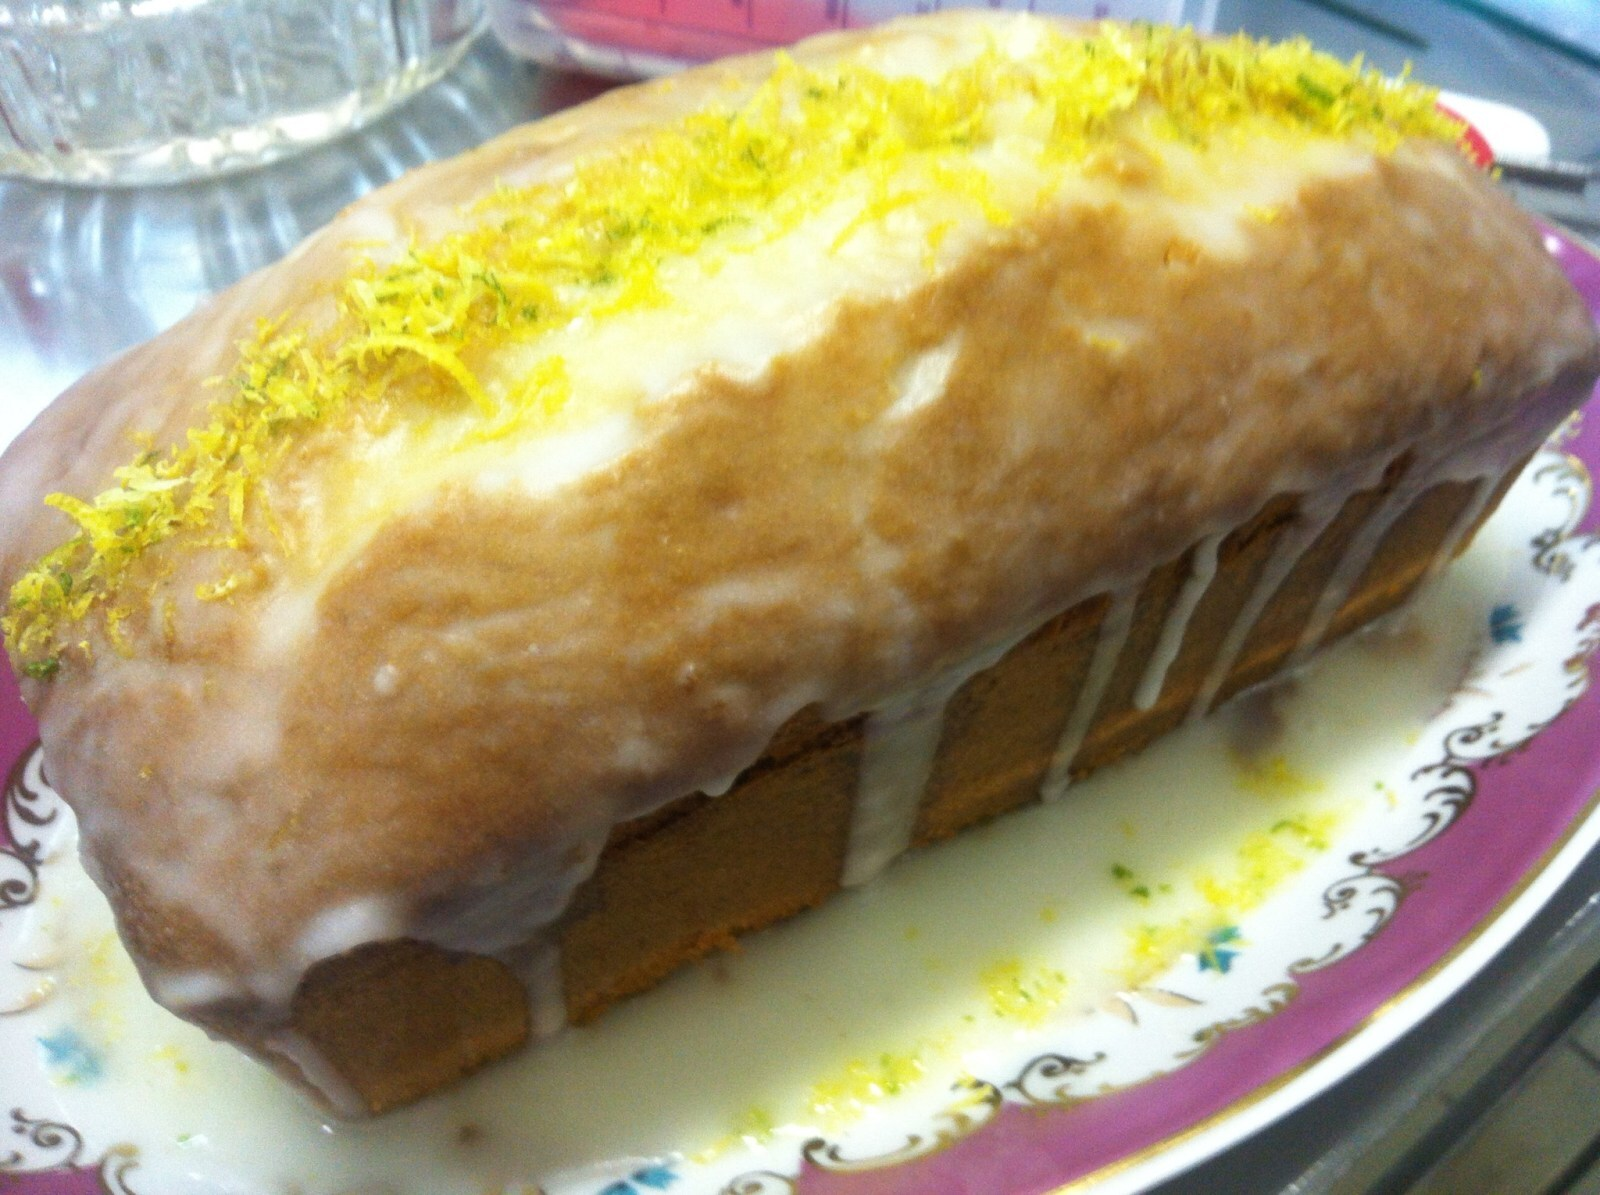 cobertura de bolo com suco de limão em pó